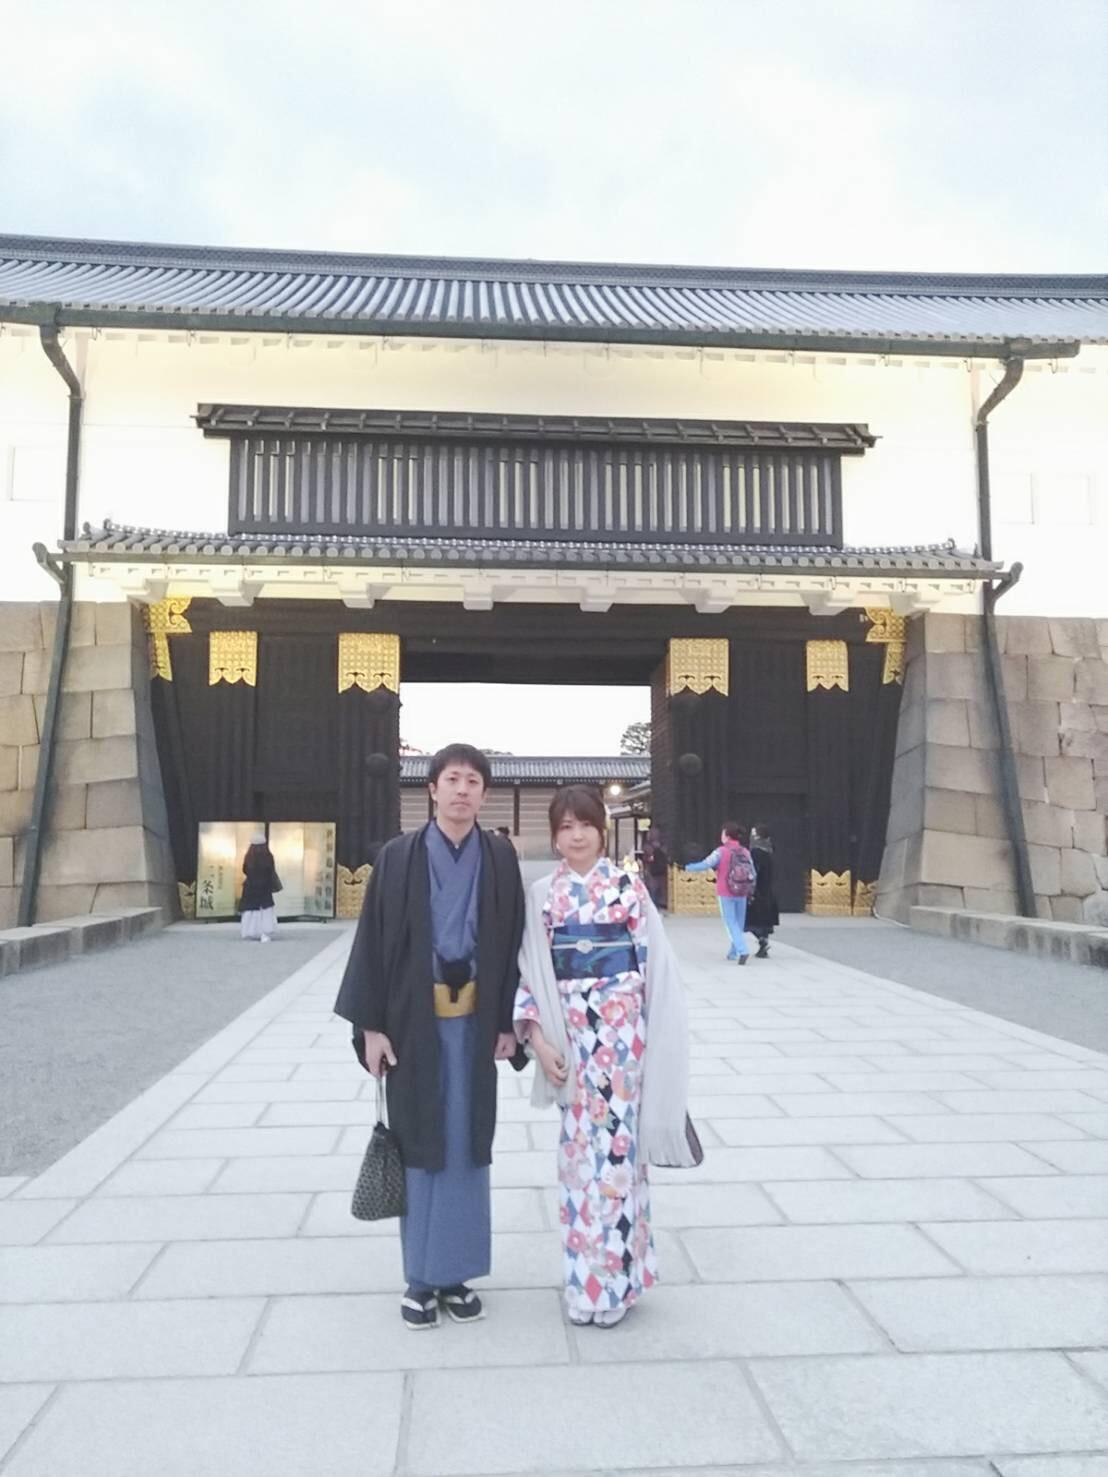 二条城桜まつり2019ライトアップ2019年3月22日13